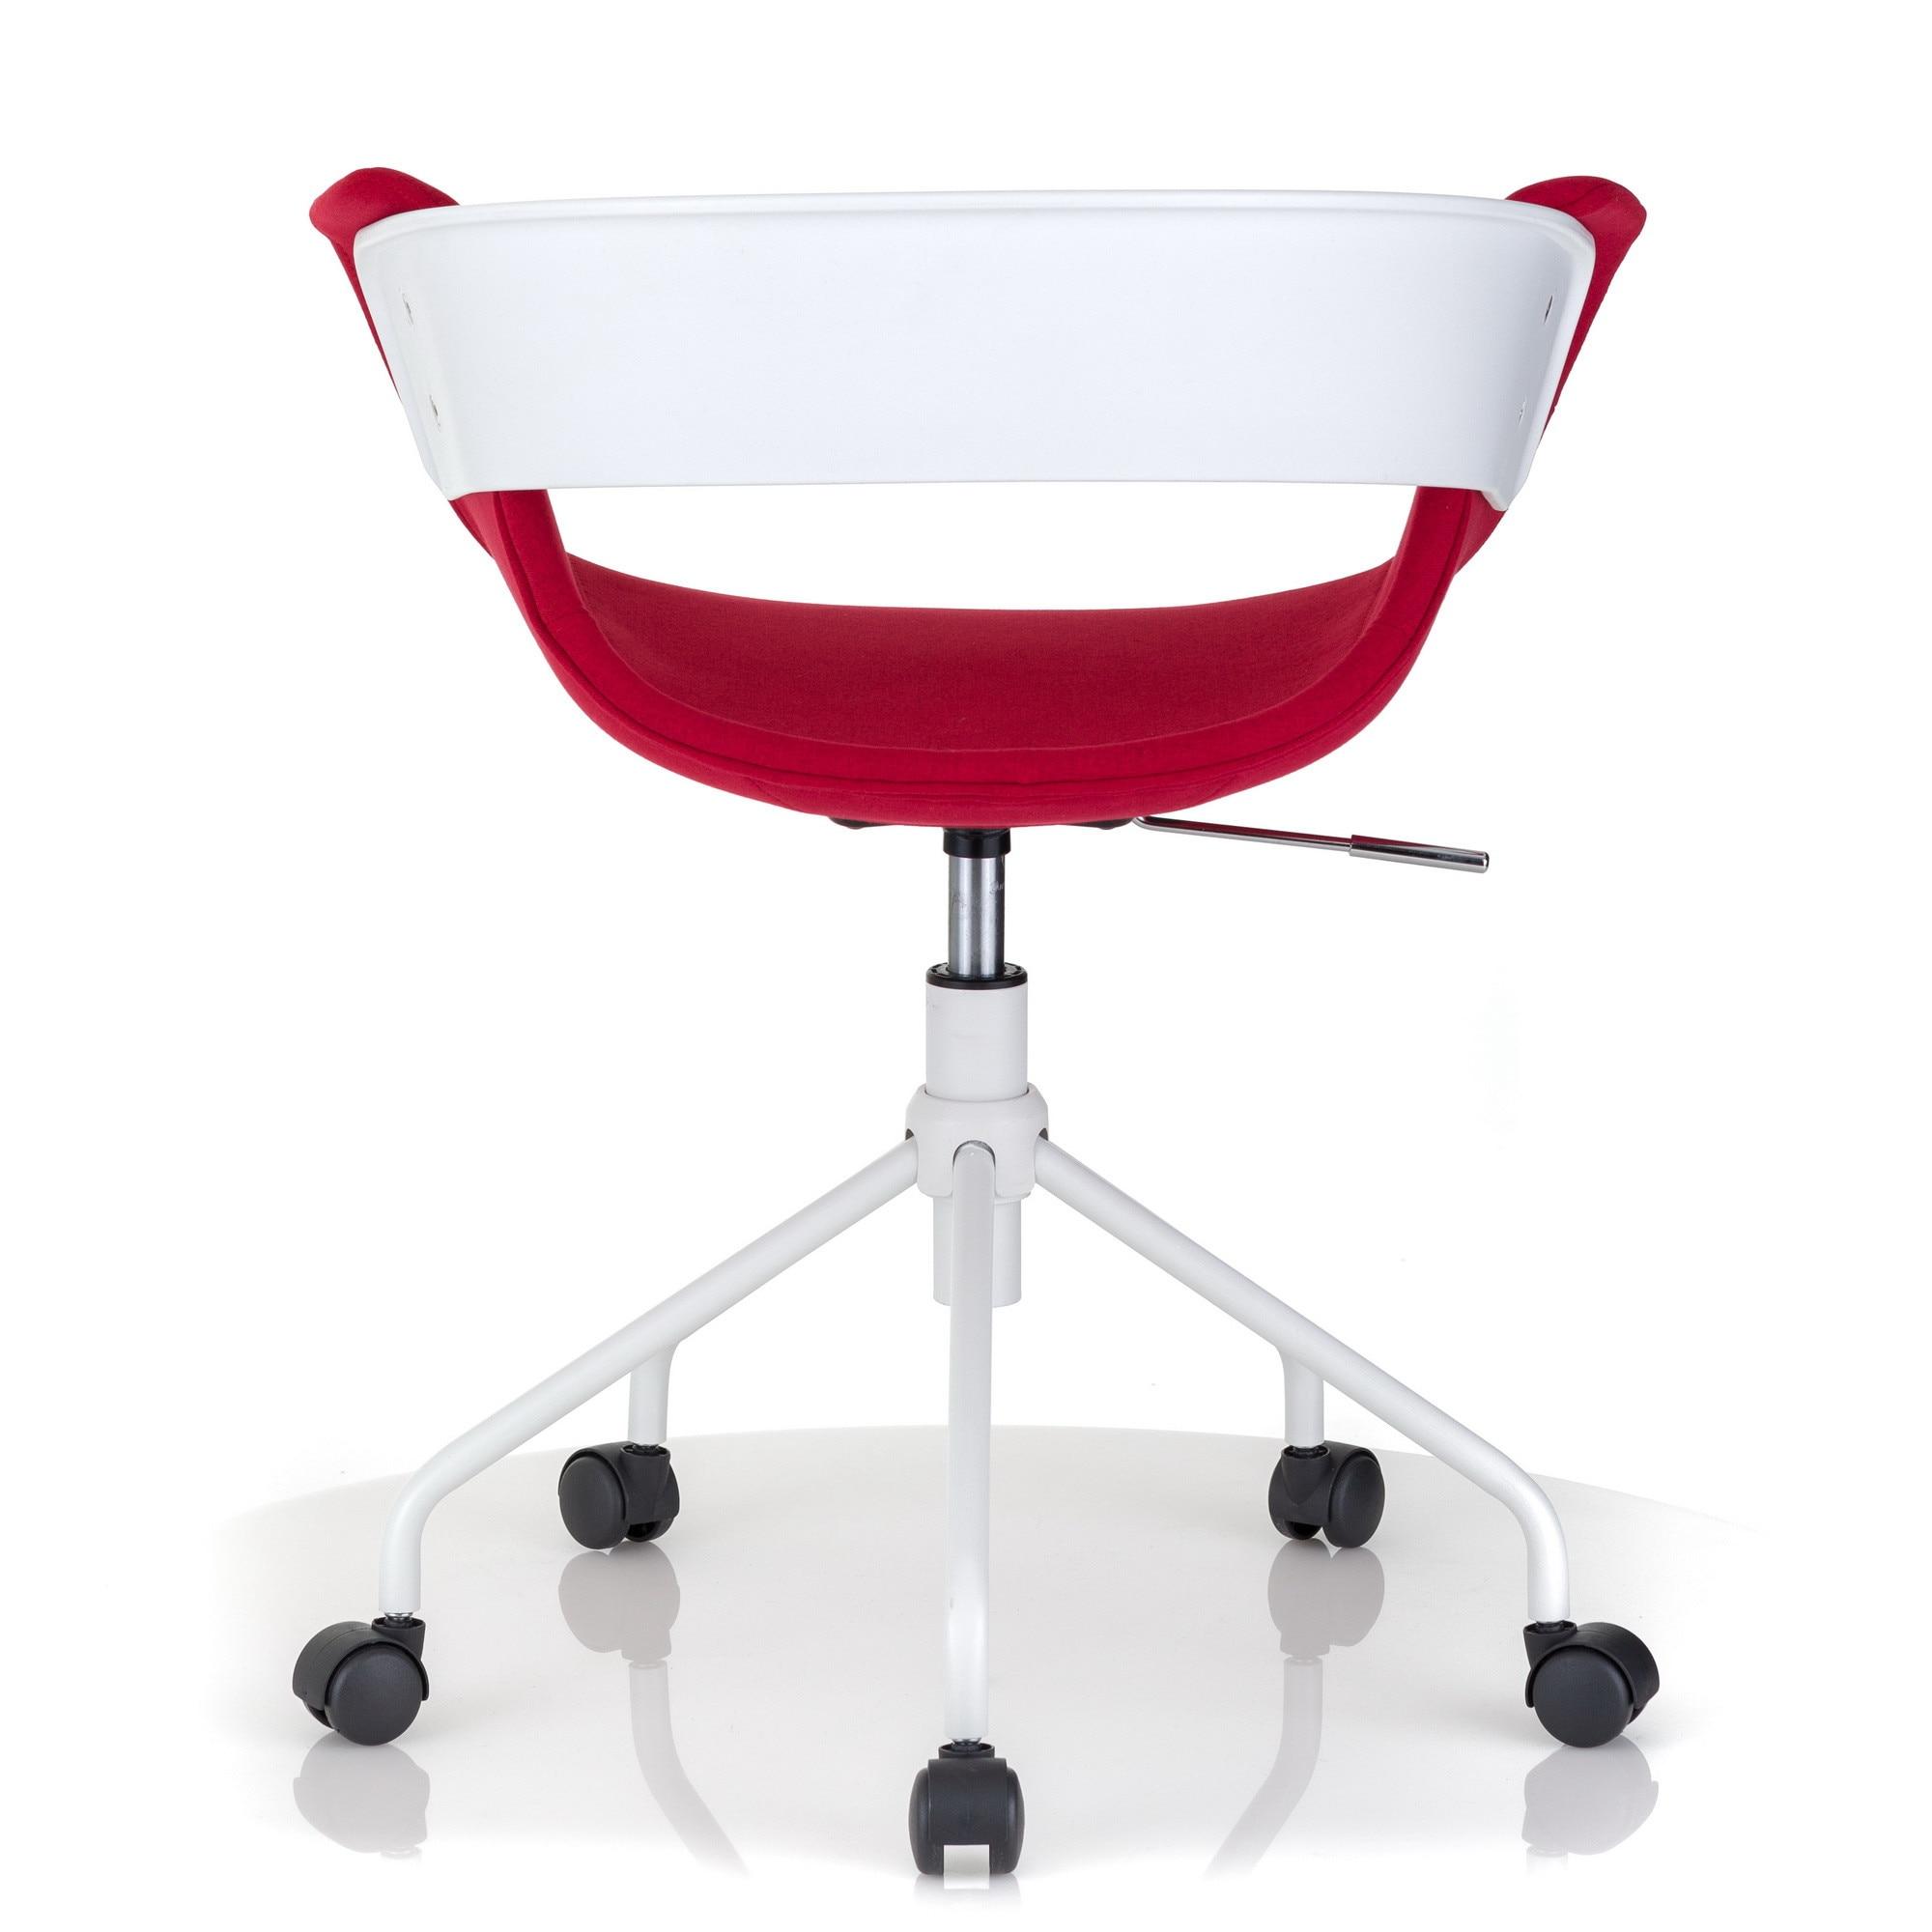 QMOBILI Charon Fekete irodai szék, szövet, fehér fém alap